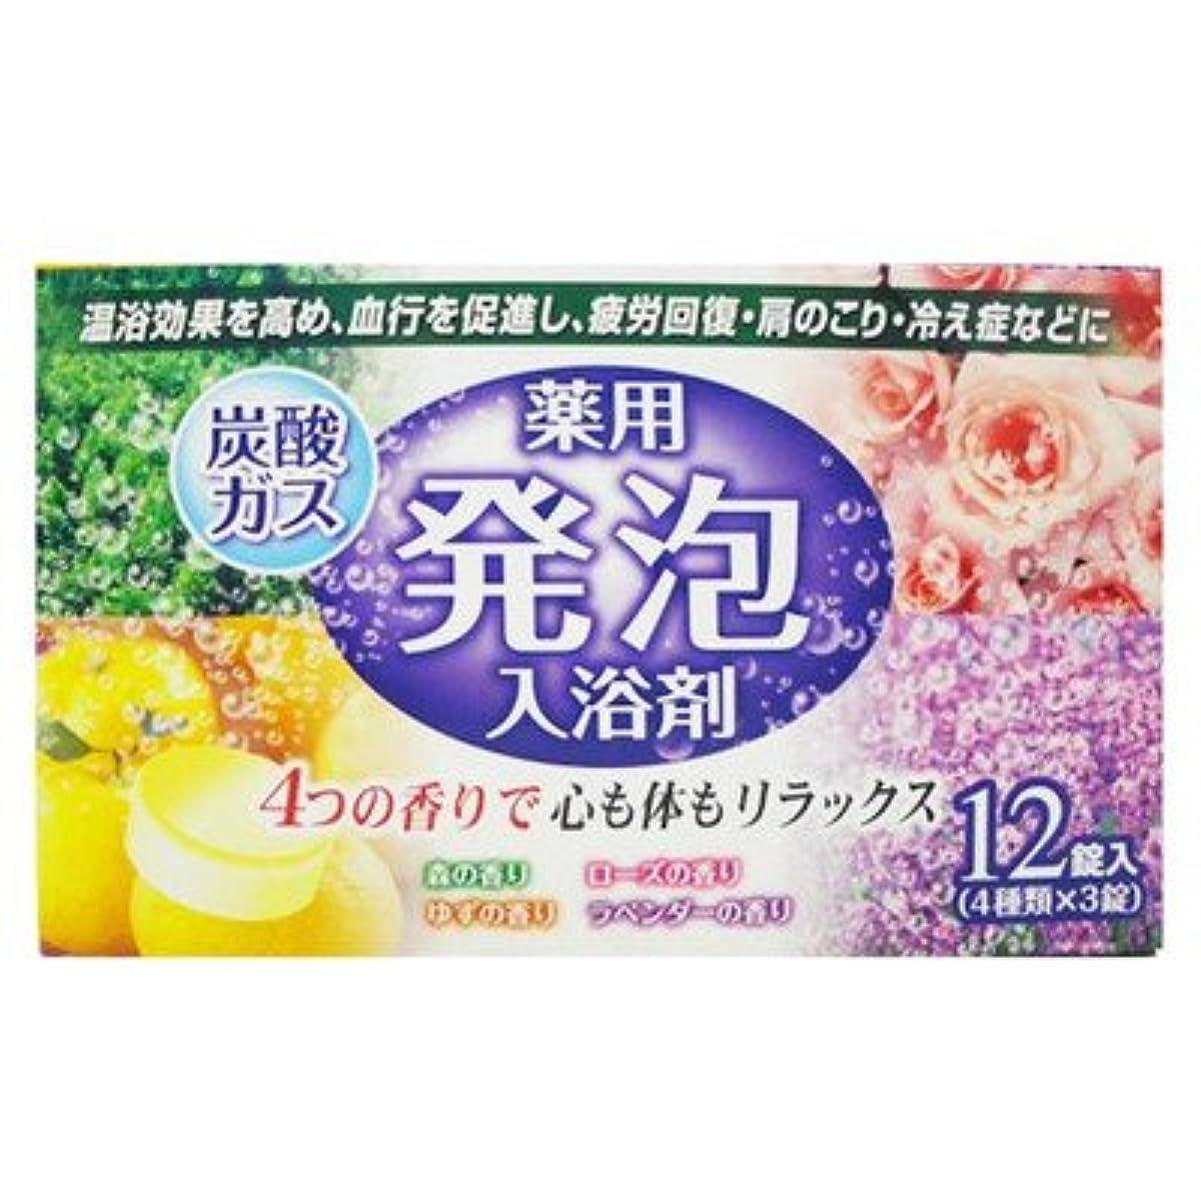 すずめひそかにフォーカス薬用発泡入浴剤炭酸ガス12錠入り4つの香りで心も体もリラックス(4種類×3錠) (リベロ)